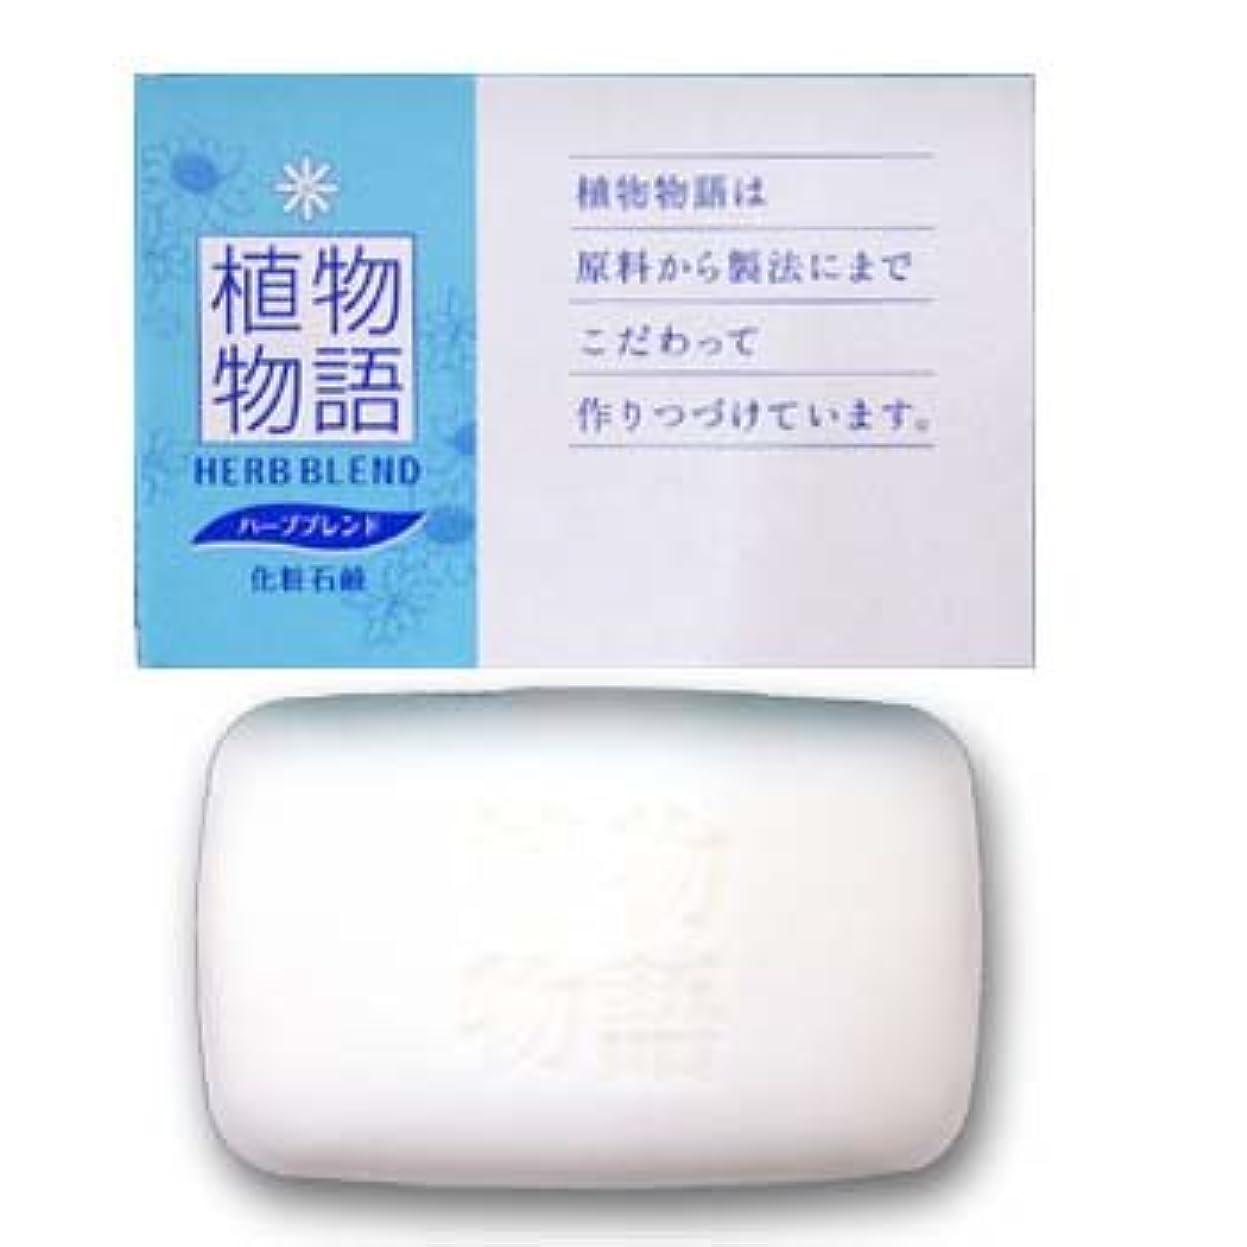 洗練された量年次LION 植物物語石鹸80g化粧箱入(1セット100個入)